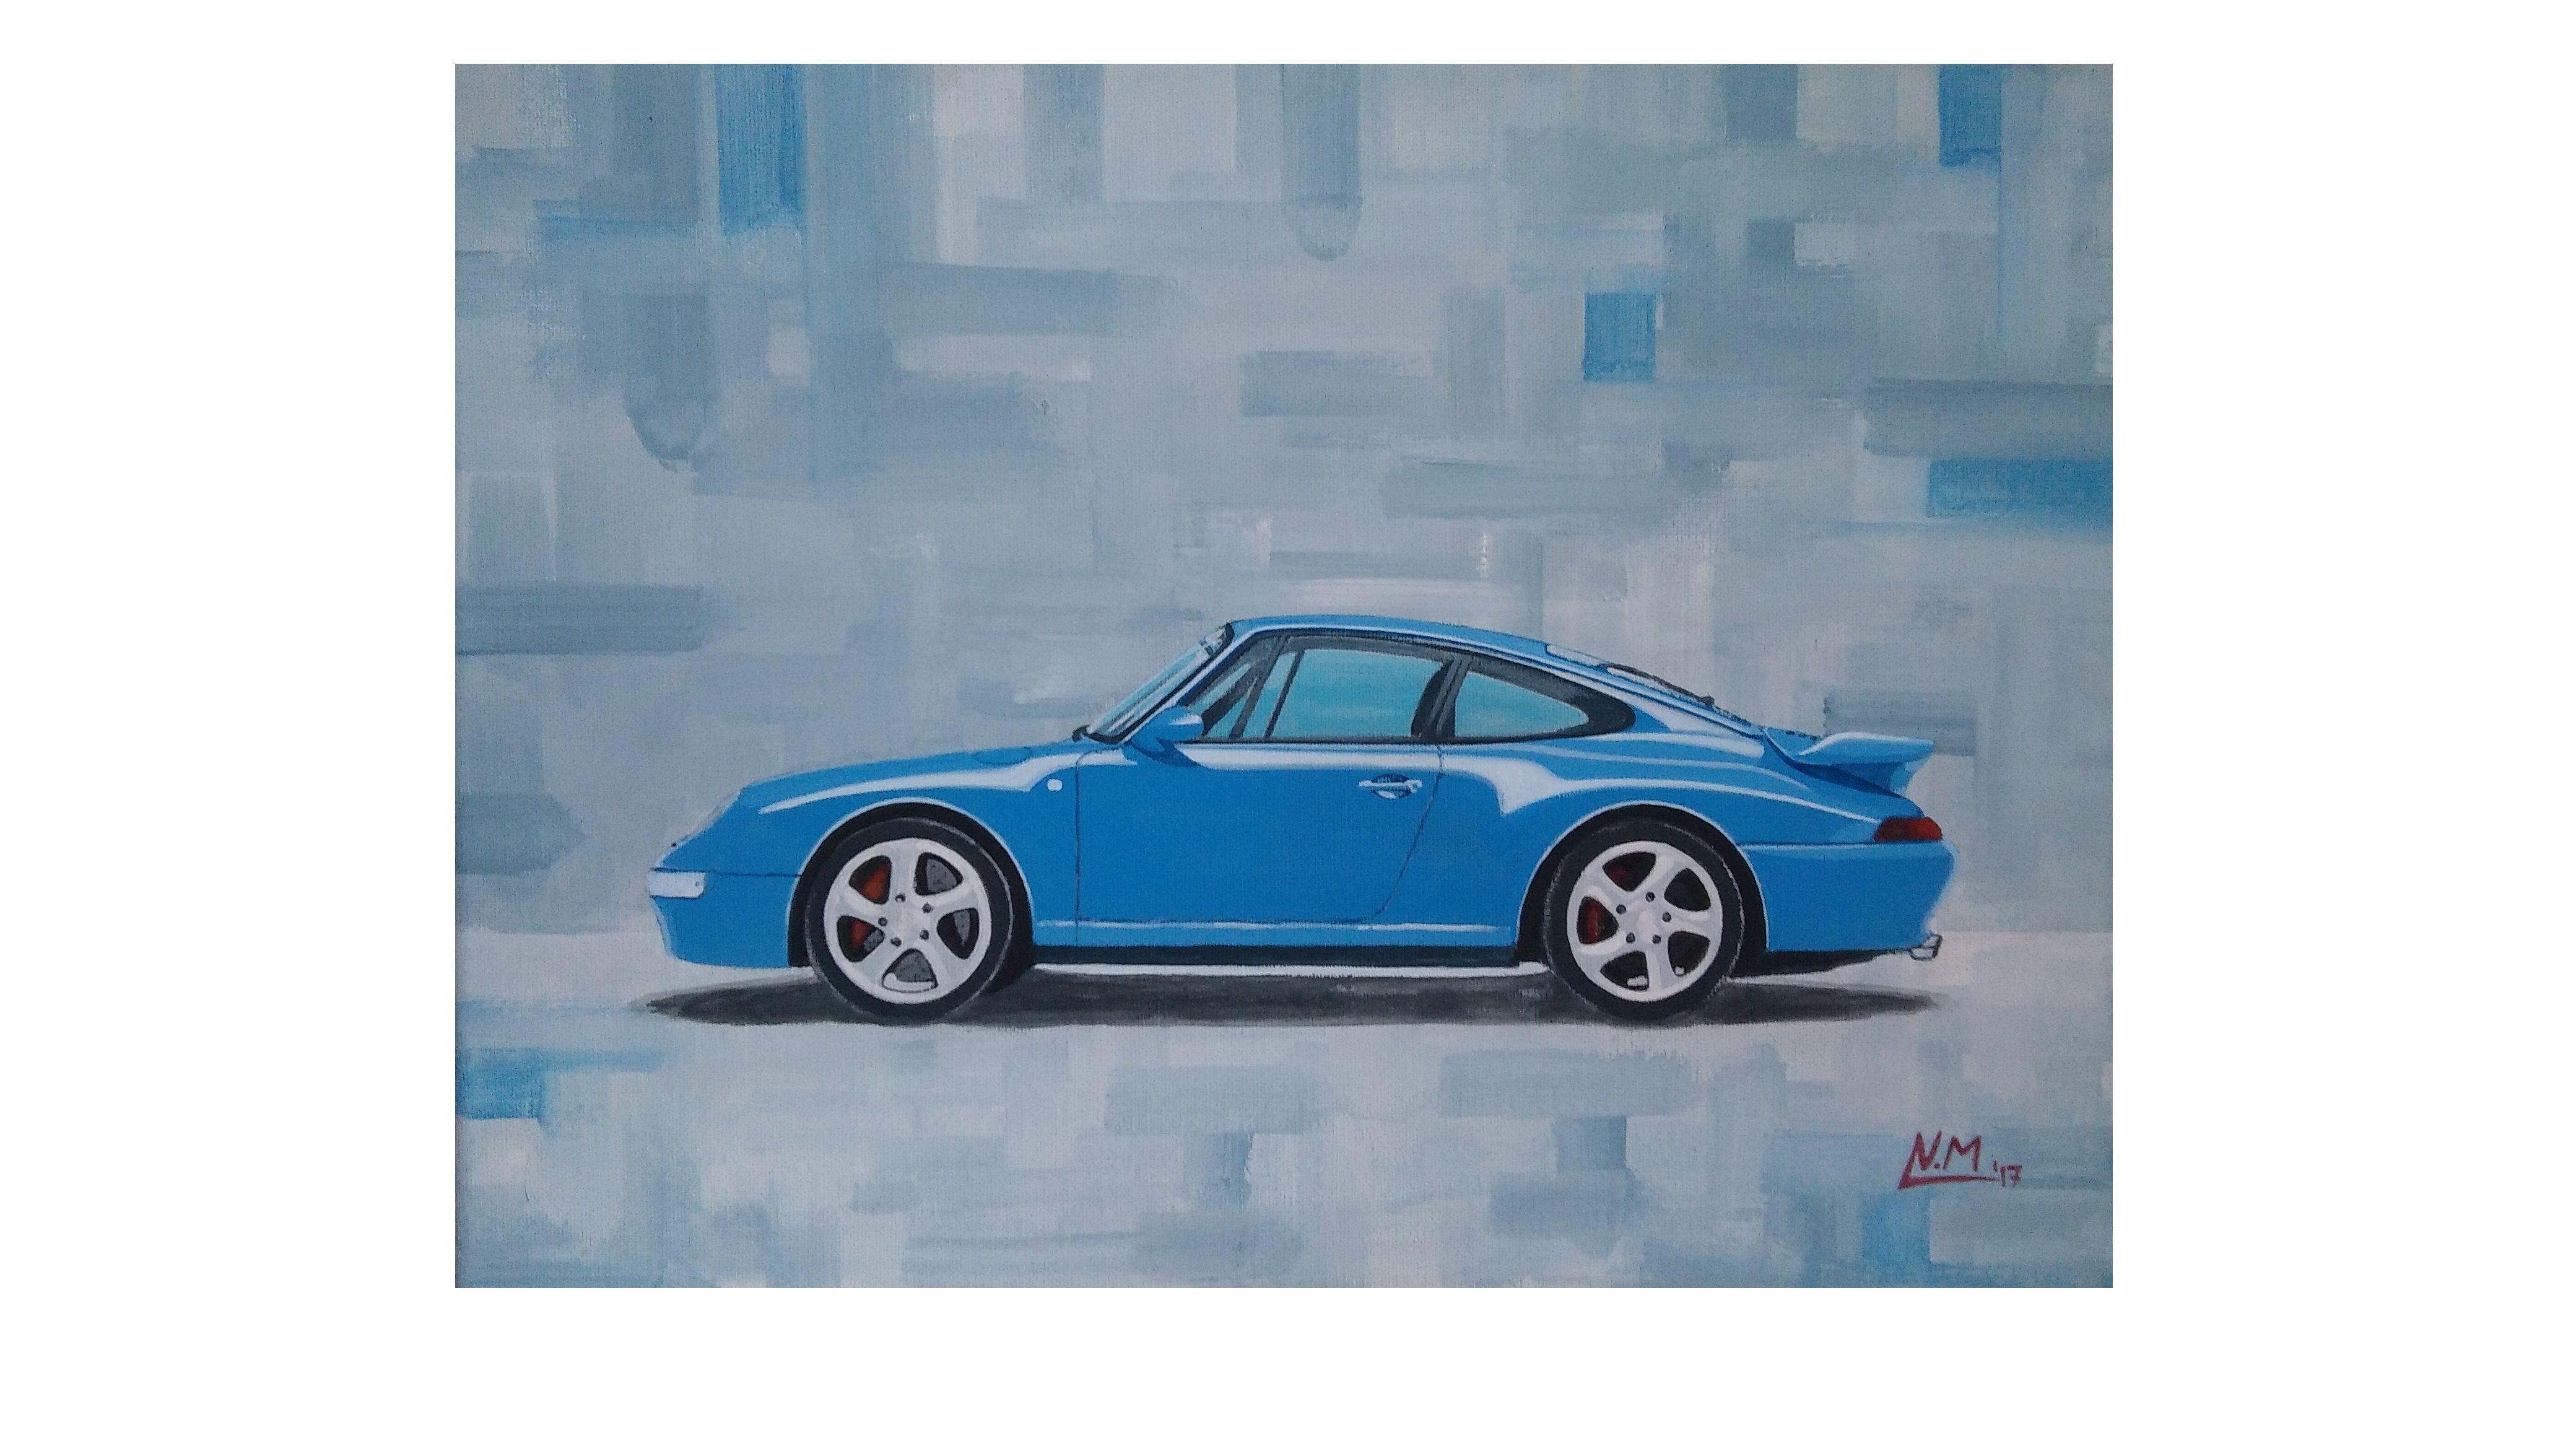 Porsche 993 turbo acrylic painting for sale #porsche993